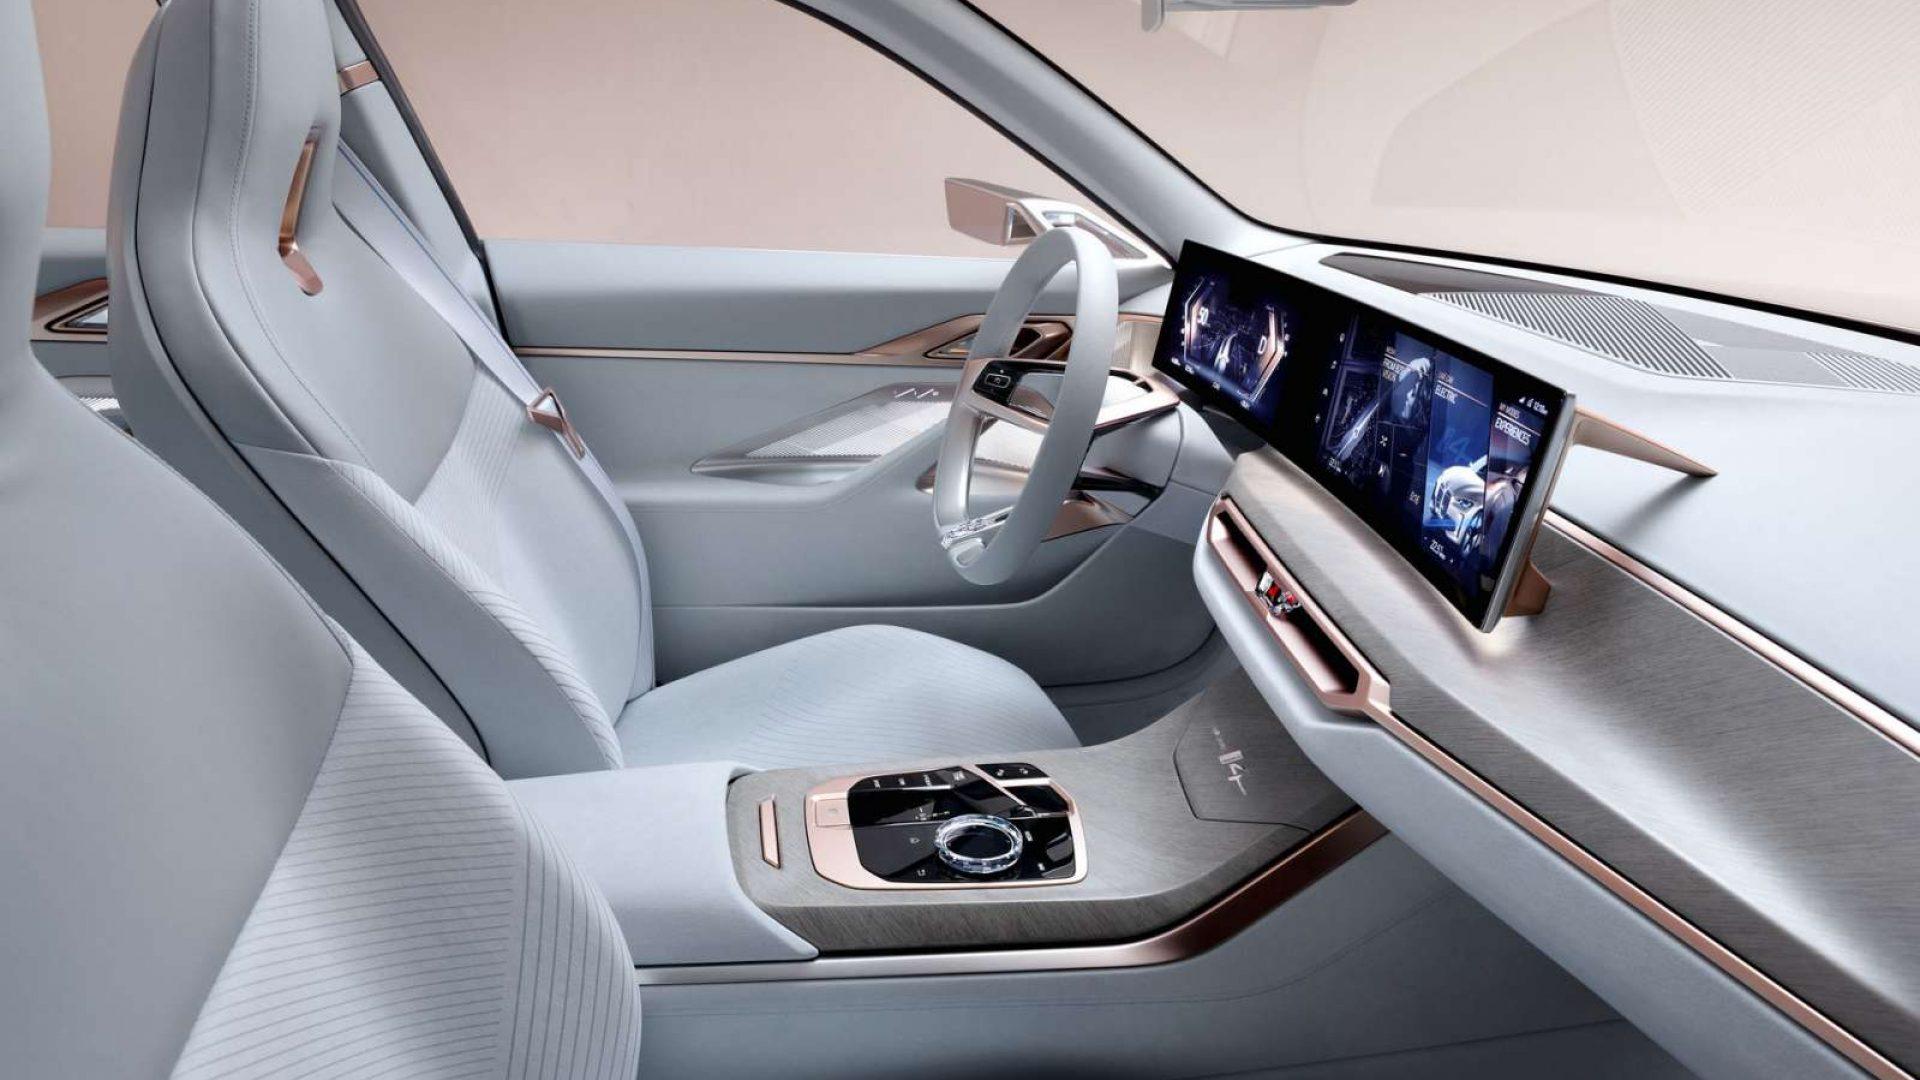 2020-BMW-Concept-i4-Interior-07